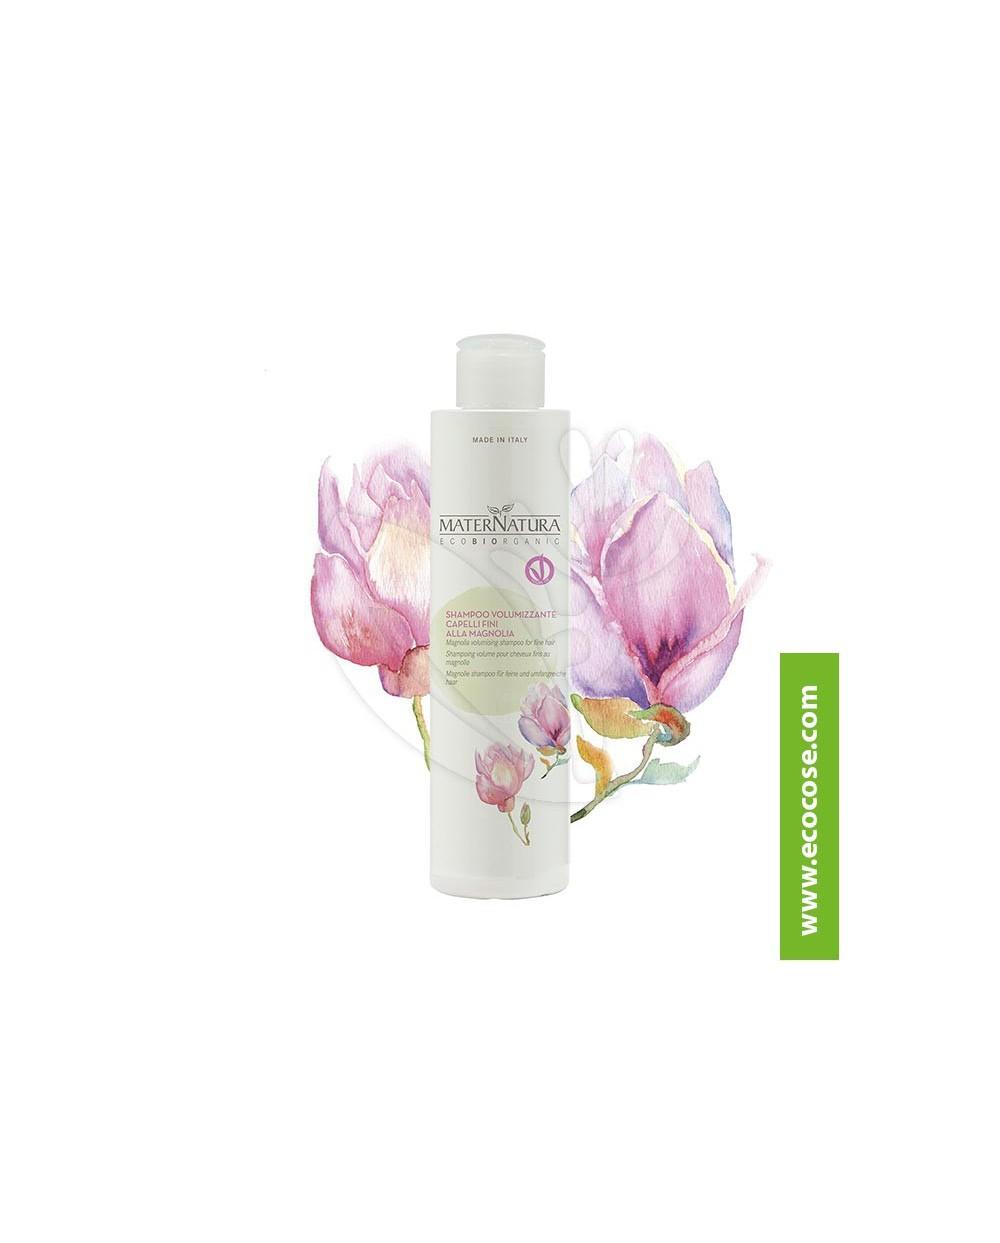 Maternatura - Shampoo volumizzante capelli fini alla Magnolia